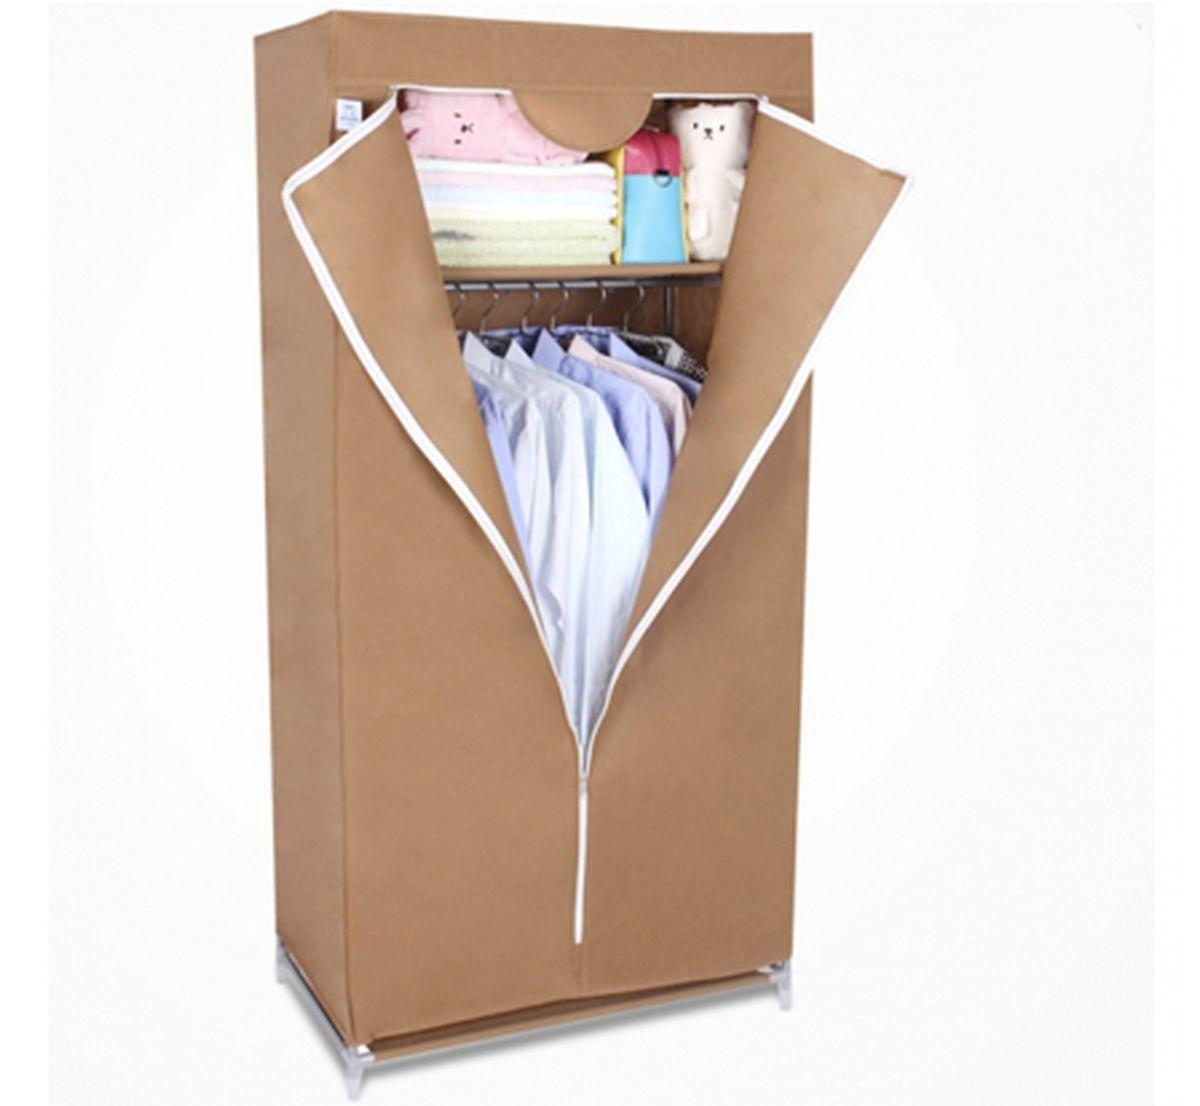 Шкаф Homsu Кармэн, цвет: коричневый, 68 x 45 x 155 смHOM-102Шкаф Homsu Кармэн выполнен из текстиля. Сборная конструкция такого шкафа состоит из металлических деталей каркаса, обтянутых сверху прочной и легкой тканью. Этот шкаф предназначен в создании полноценного порядка. Изделие имеет удобную полку для складывания одежды 65 х 45 см и перекладину той же ширины для подвешивания курток, пальто, рубашек, свитеров и других вещей. Кроме своей большой практичной пользы, данный мебельный предмет также сможет очень выгодно дополнить имеющийся интерьер в помещении. Верхняя тканевая обивка, при этом, всегда может быть легко и быстро снята, если ее необходимо будет постирать или заменить.